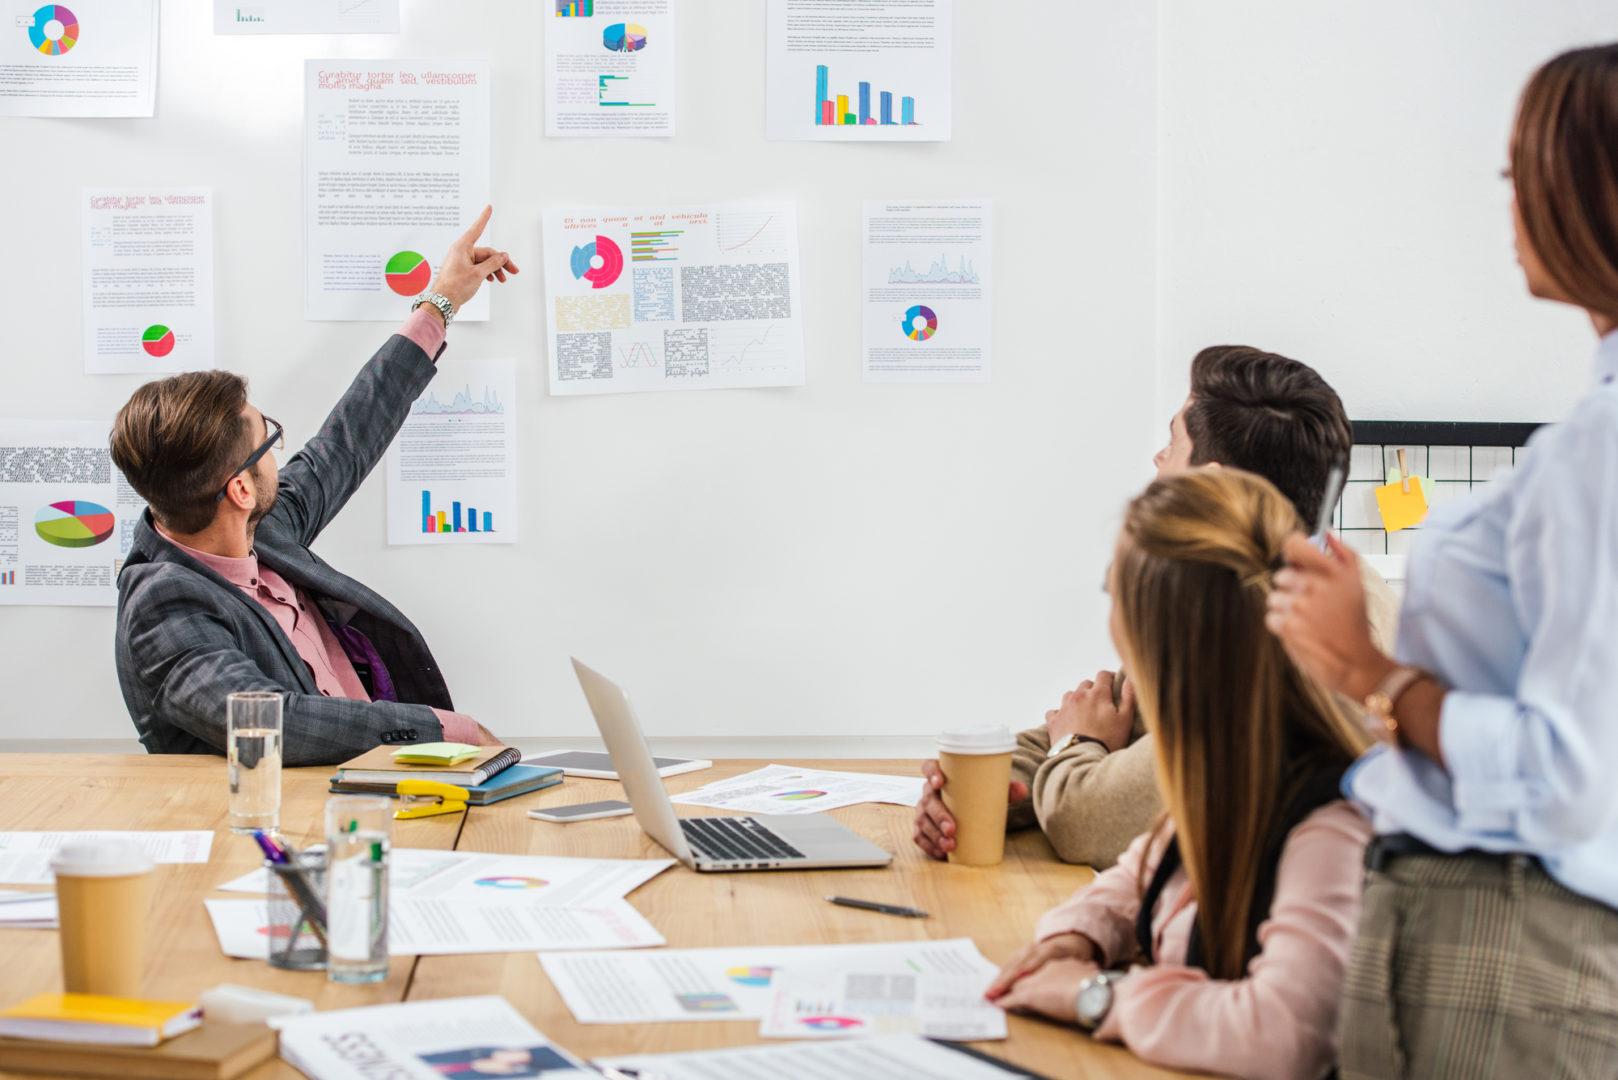 O marketing como ferramenta para melhorar o mundo